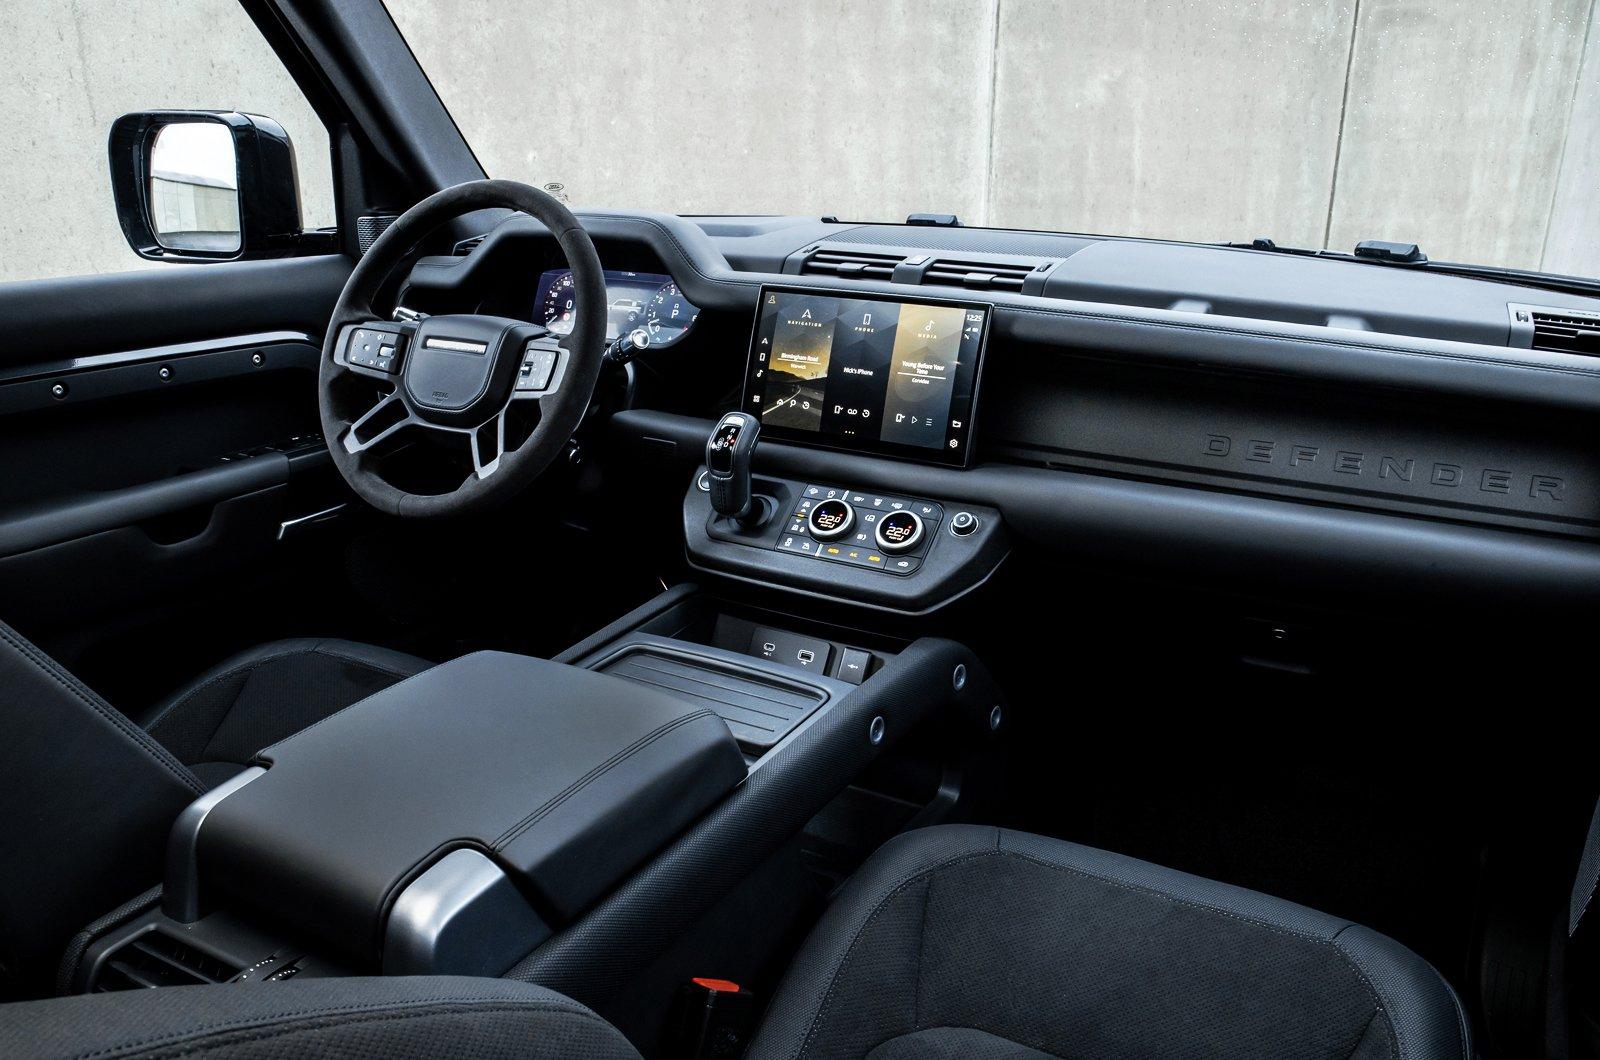 Land Rover Defender V8 dashboard